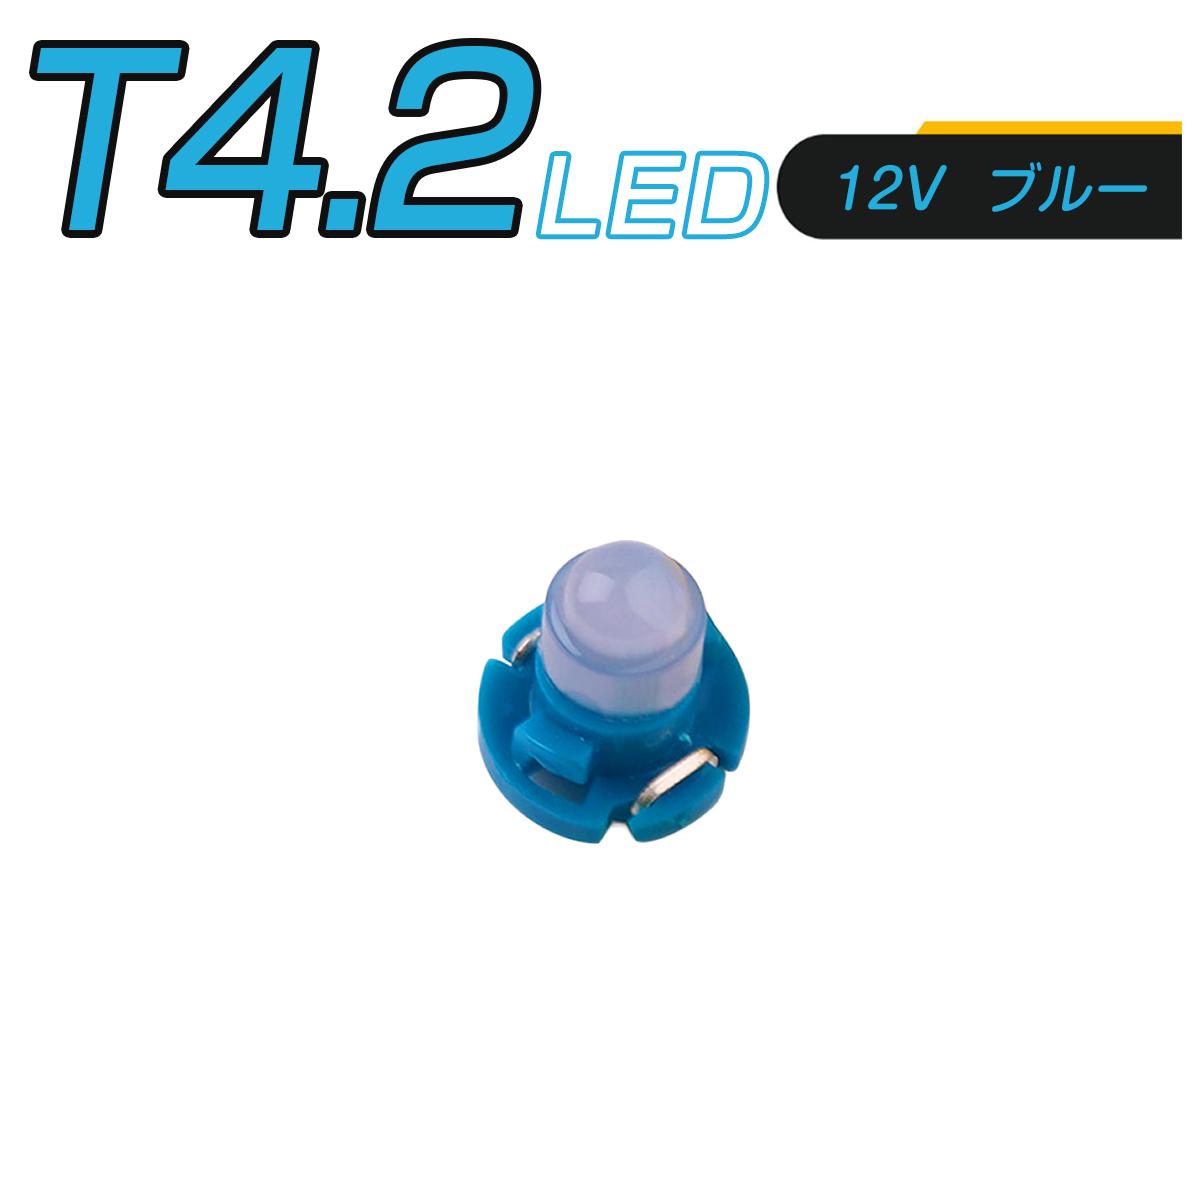 LED T4.2 SMD 青 メーター球 タコランプ インジケーター エアコンパネル 超拡散 全面発光 2個セット SDM便送料無料 1ヶ月保証